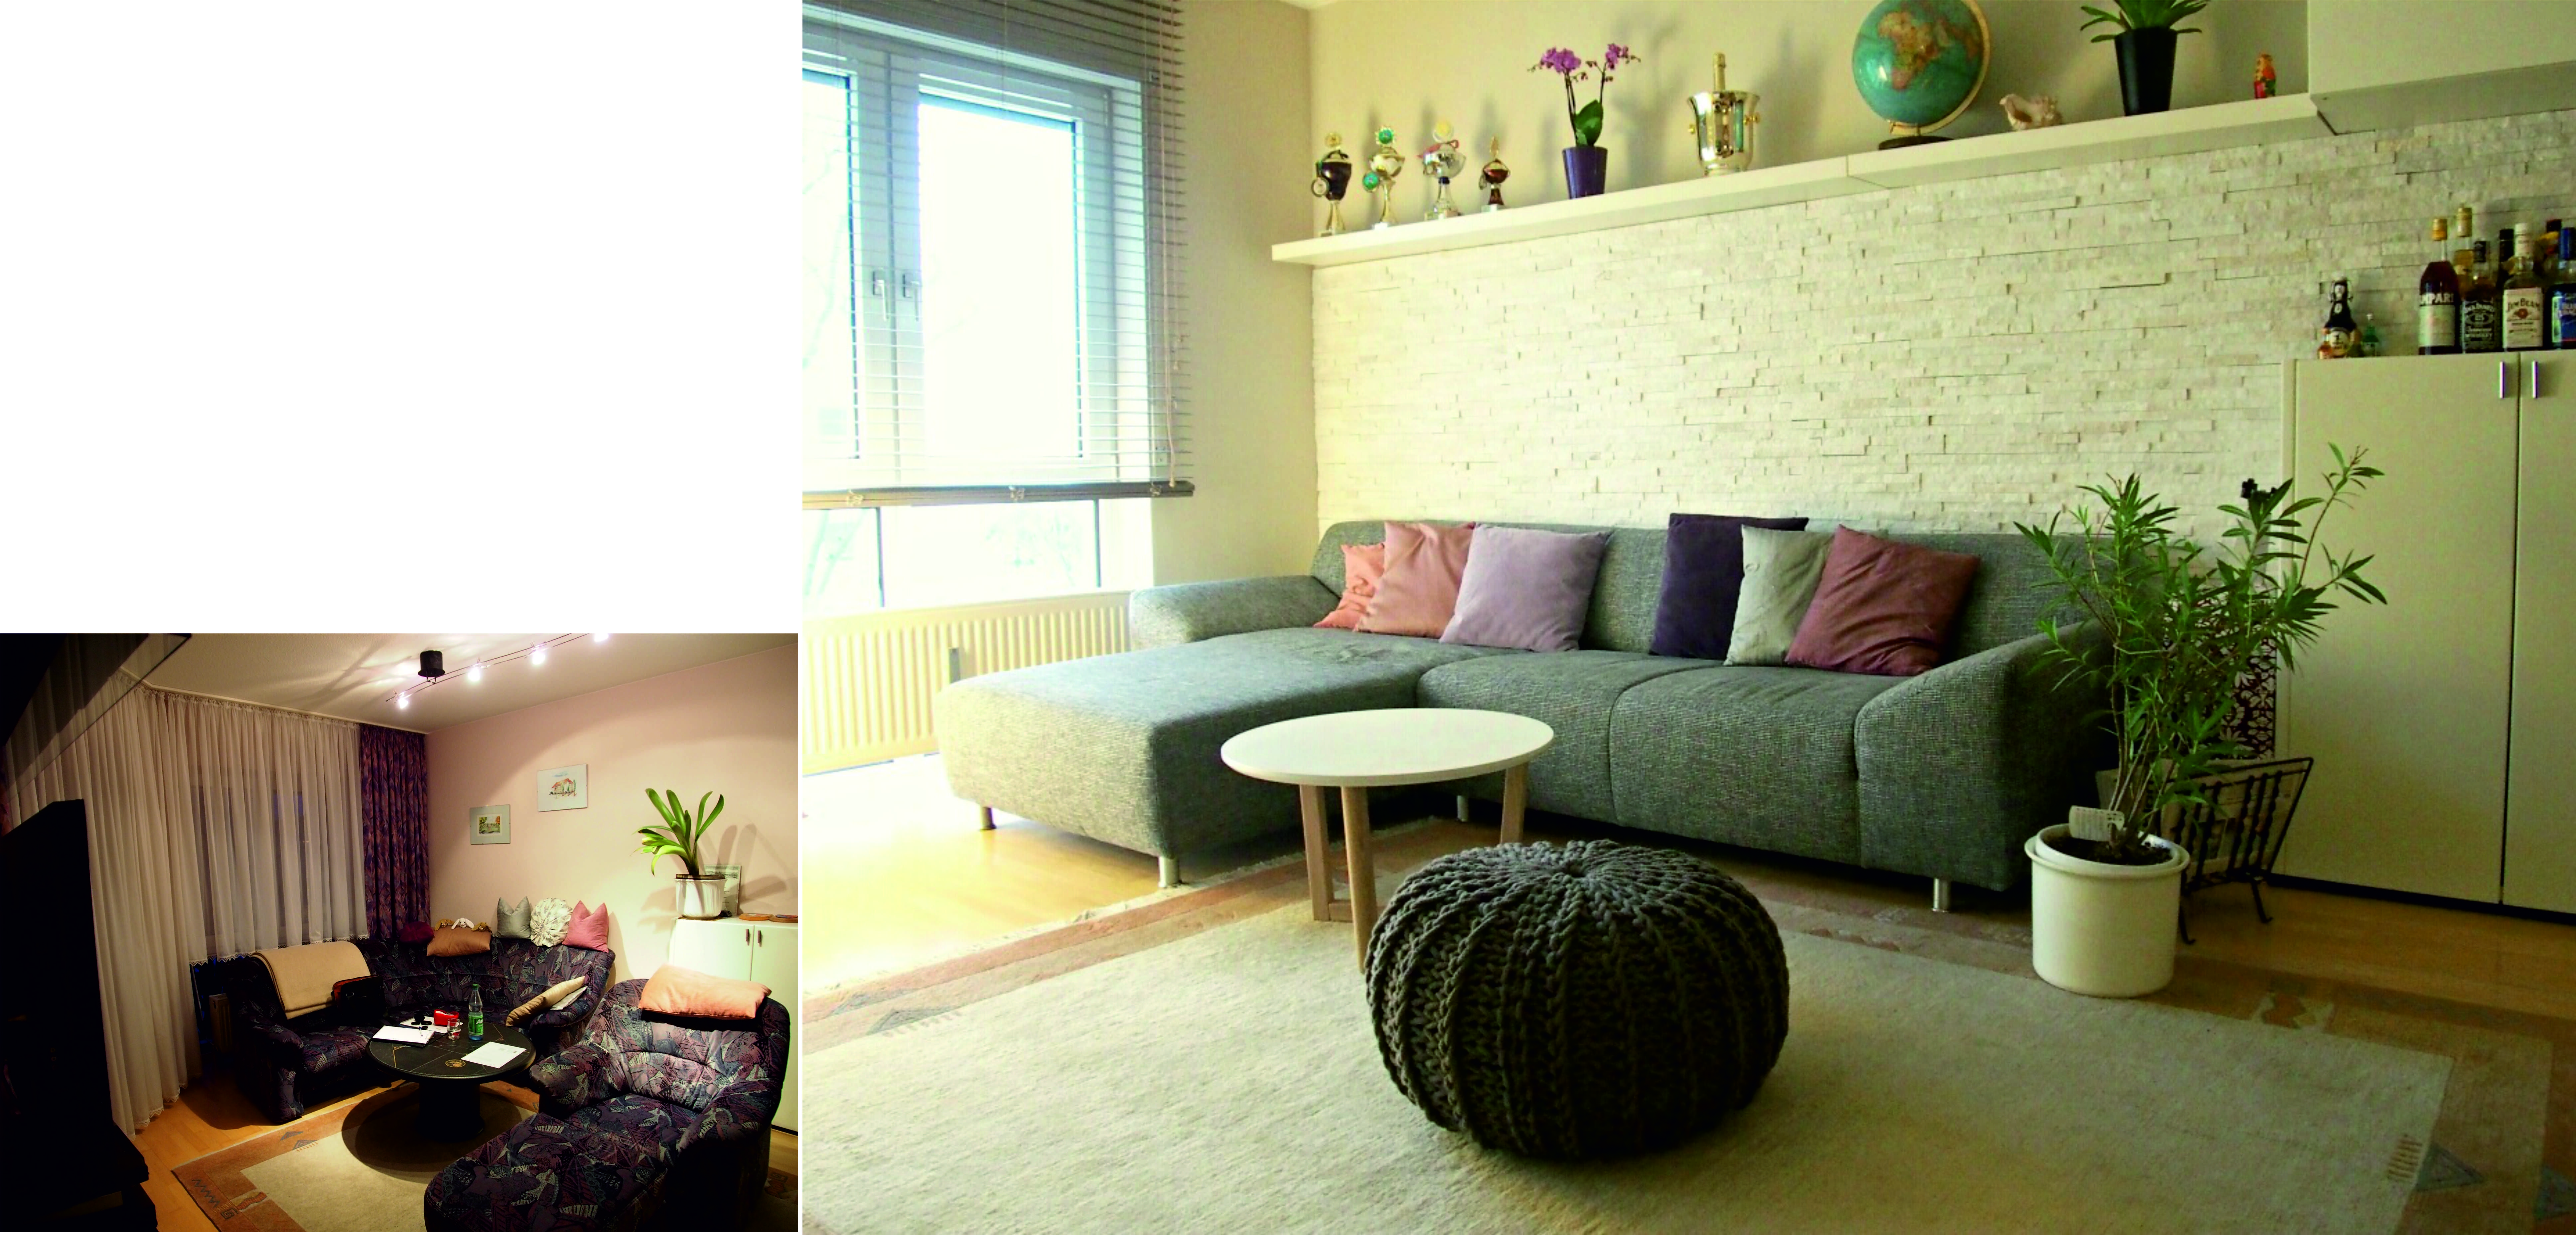 kleines wohnzimmer einrichten vorher nachher  Wohnzimmer